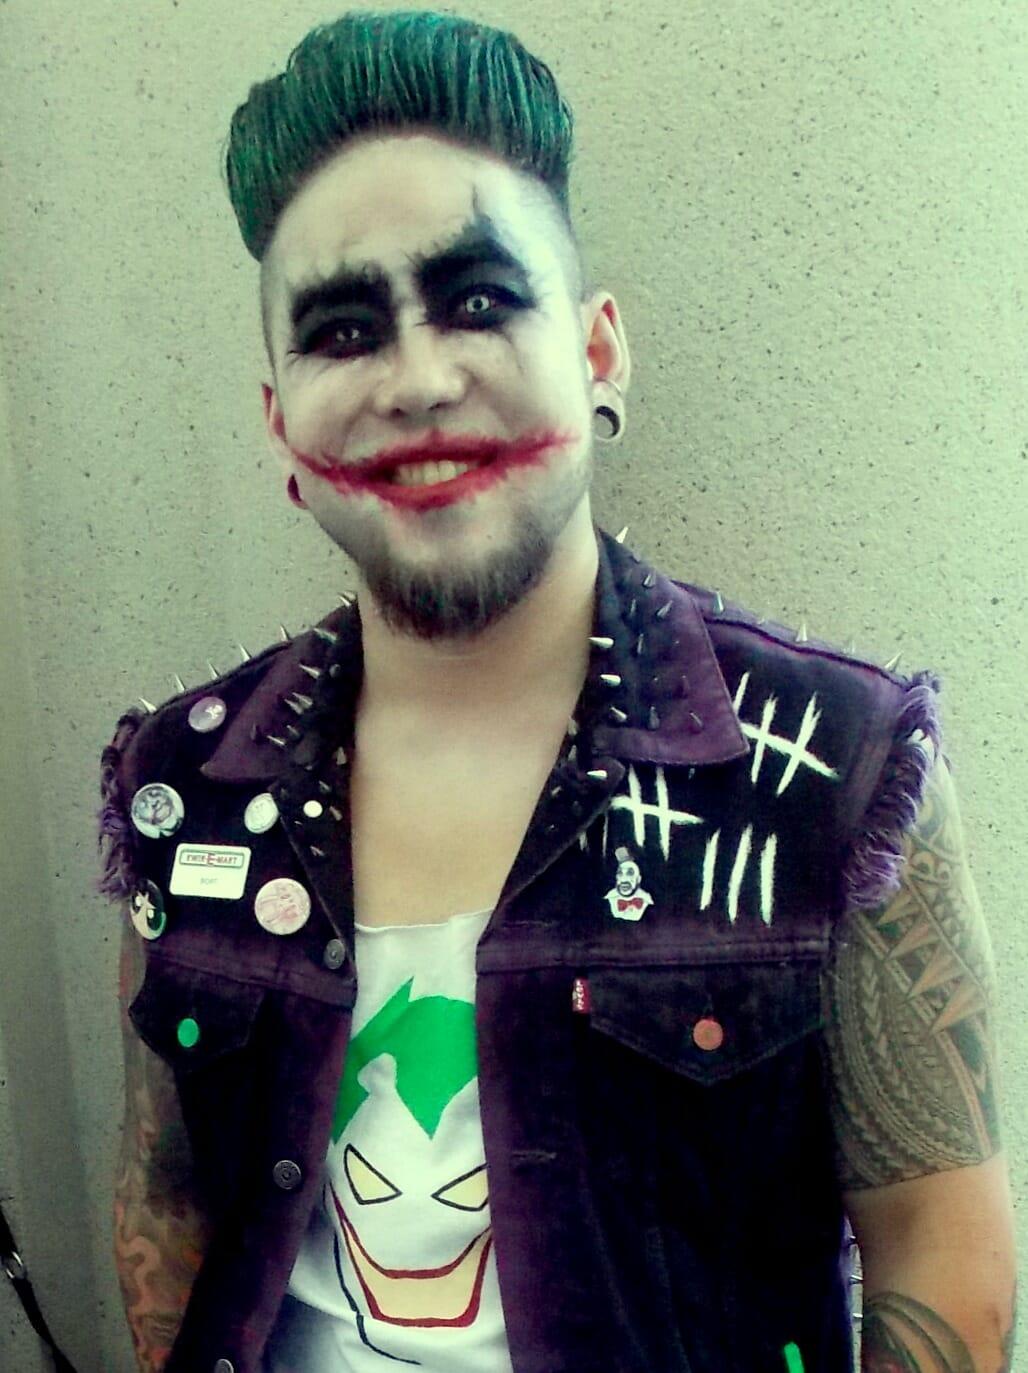 Punk Joker